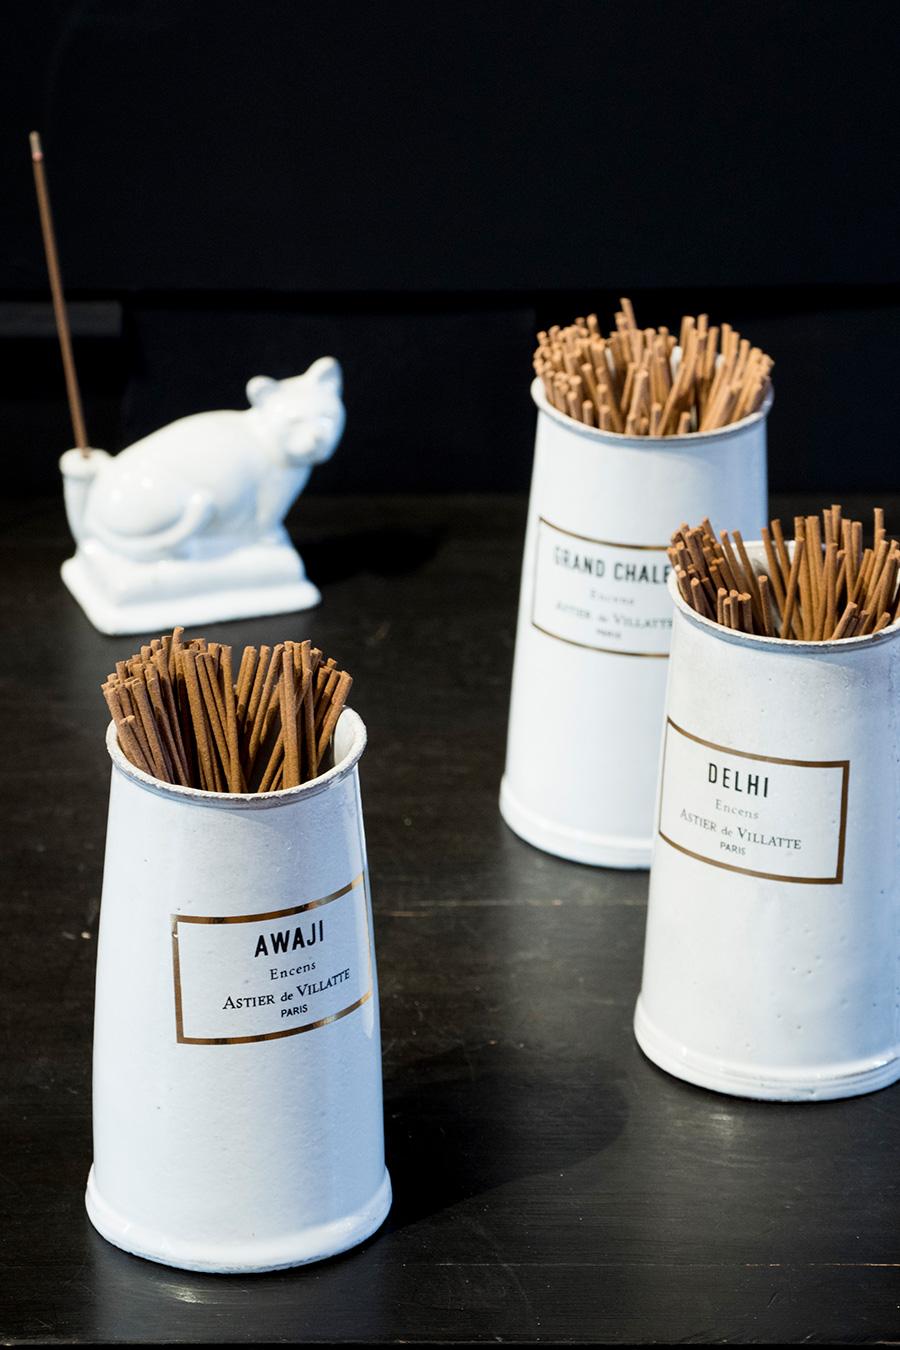 淡路島の流木や樹脂が香る「アワジ」、スパイシーなインドの「デリ」、画家バルテュスが愛した薫香の「グラン・シャレ」をリコメンド。 インセンス  各¥5,500